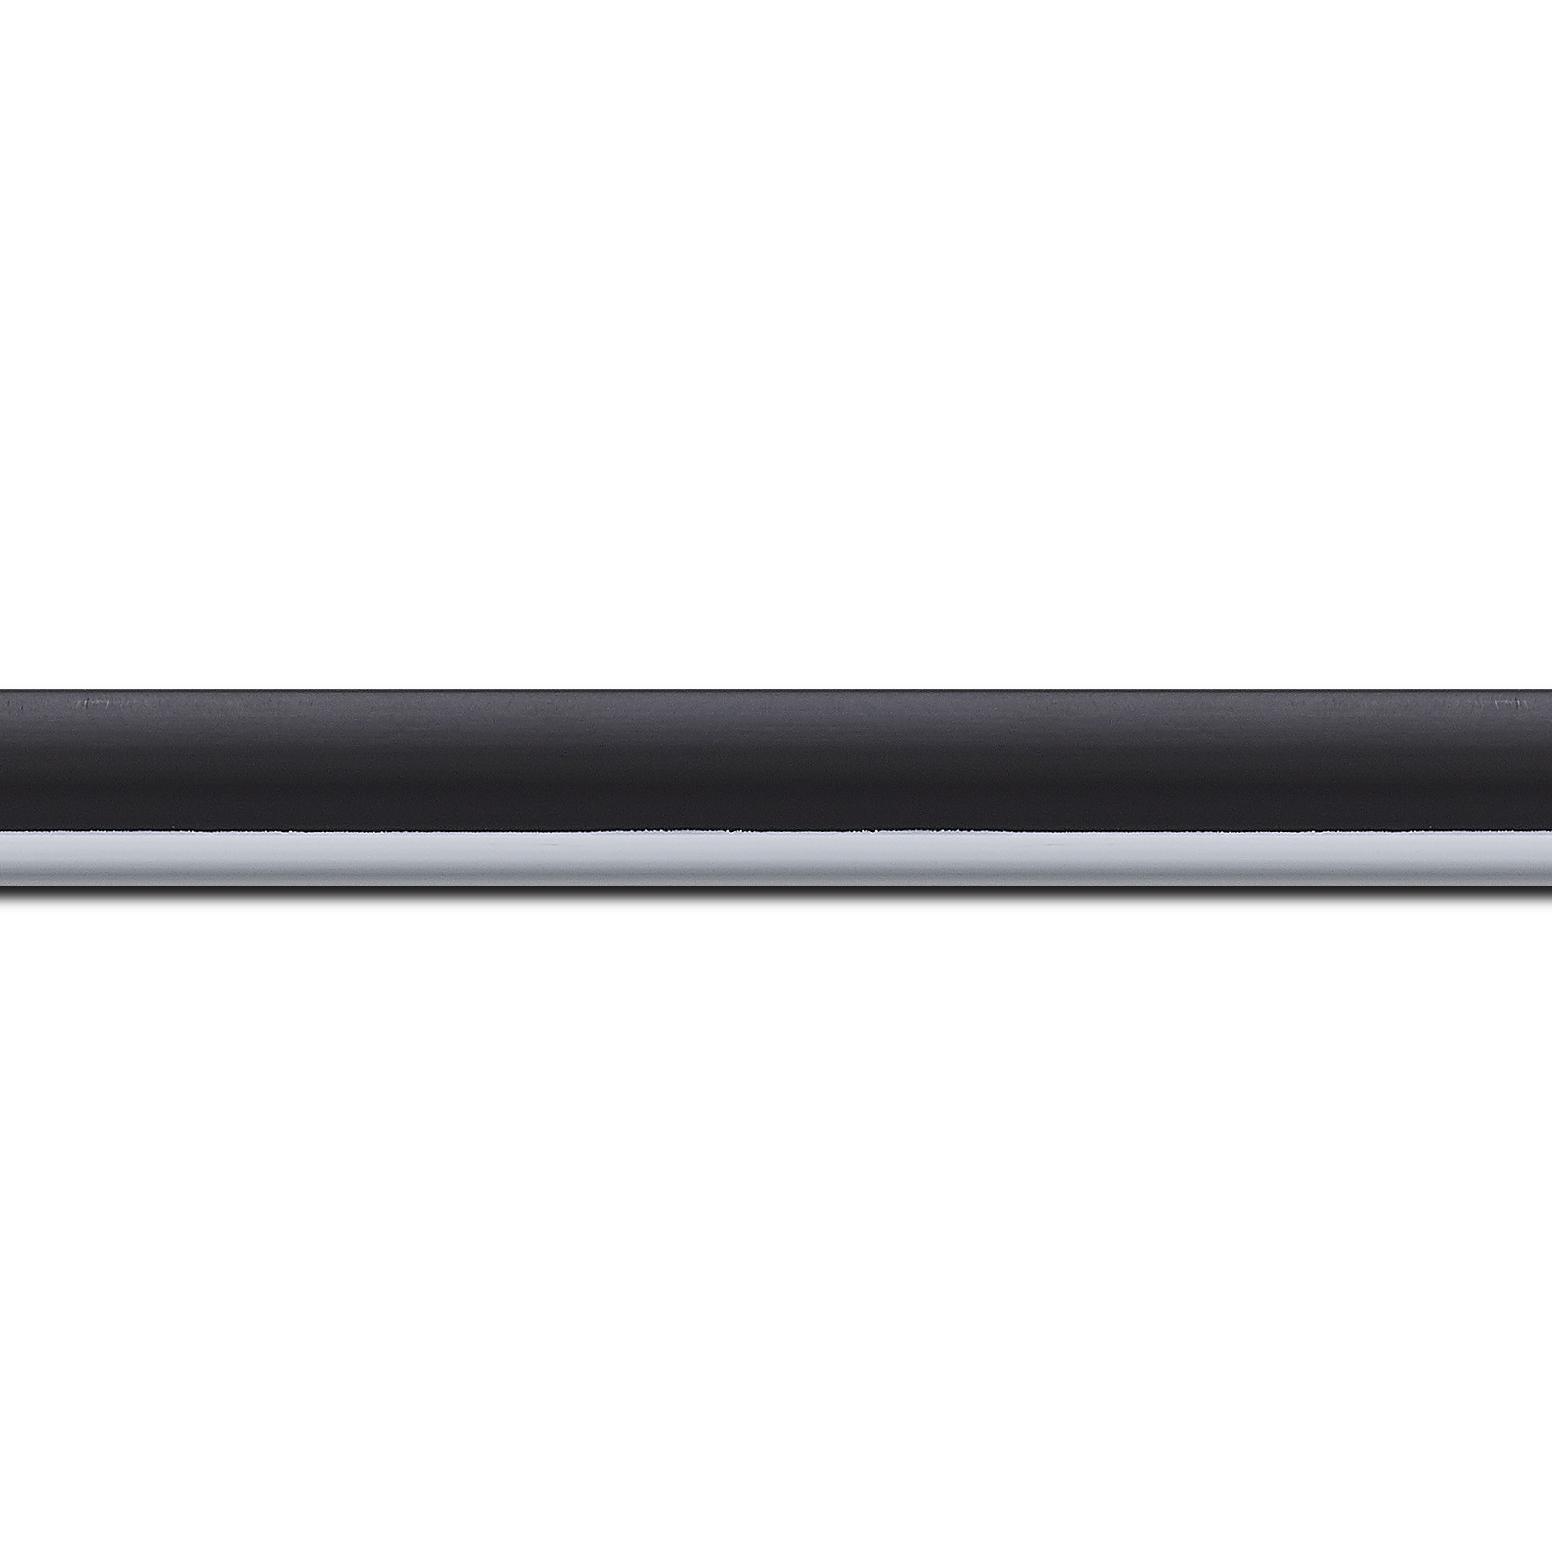 Pack par 12m, bois profil arrondi largeur 2.1cm  couleur noir mat filet blanc (longueur baguette pouvant varier entre 2.40m et 3m selon arrivage des bois)